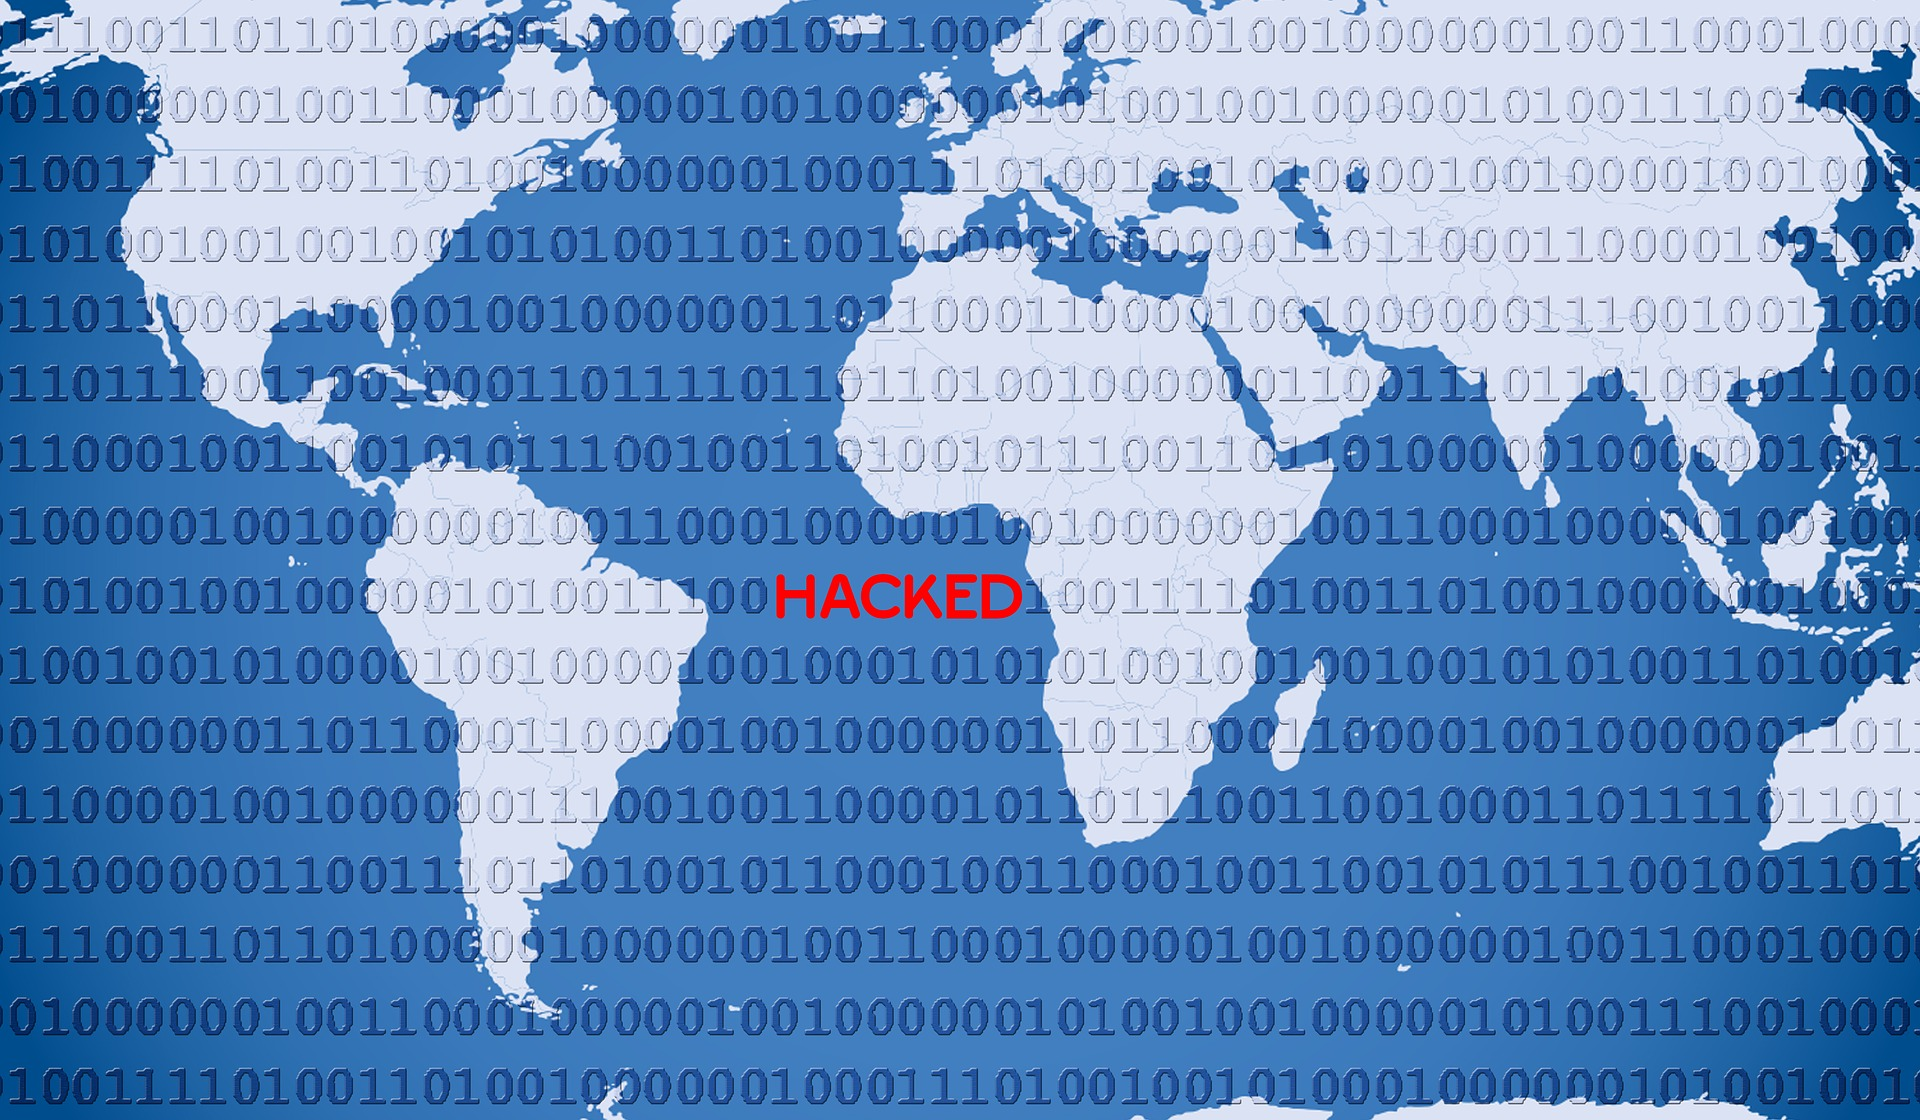 hacked-1734197_1920.jpg